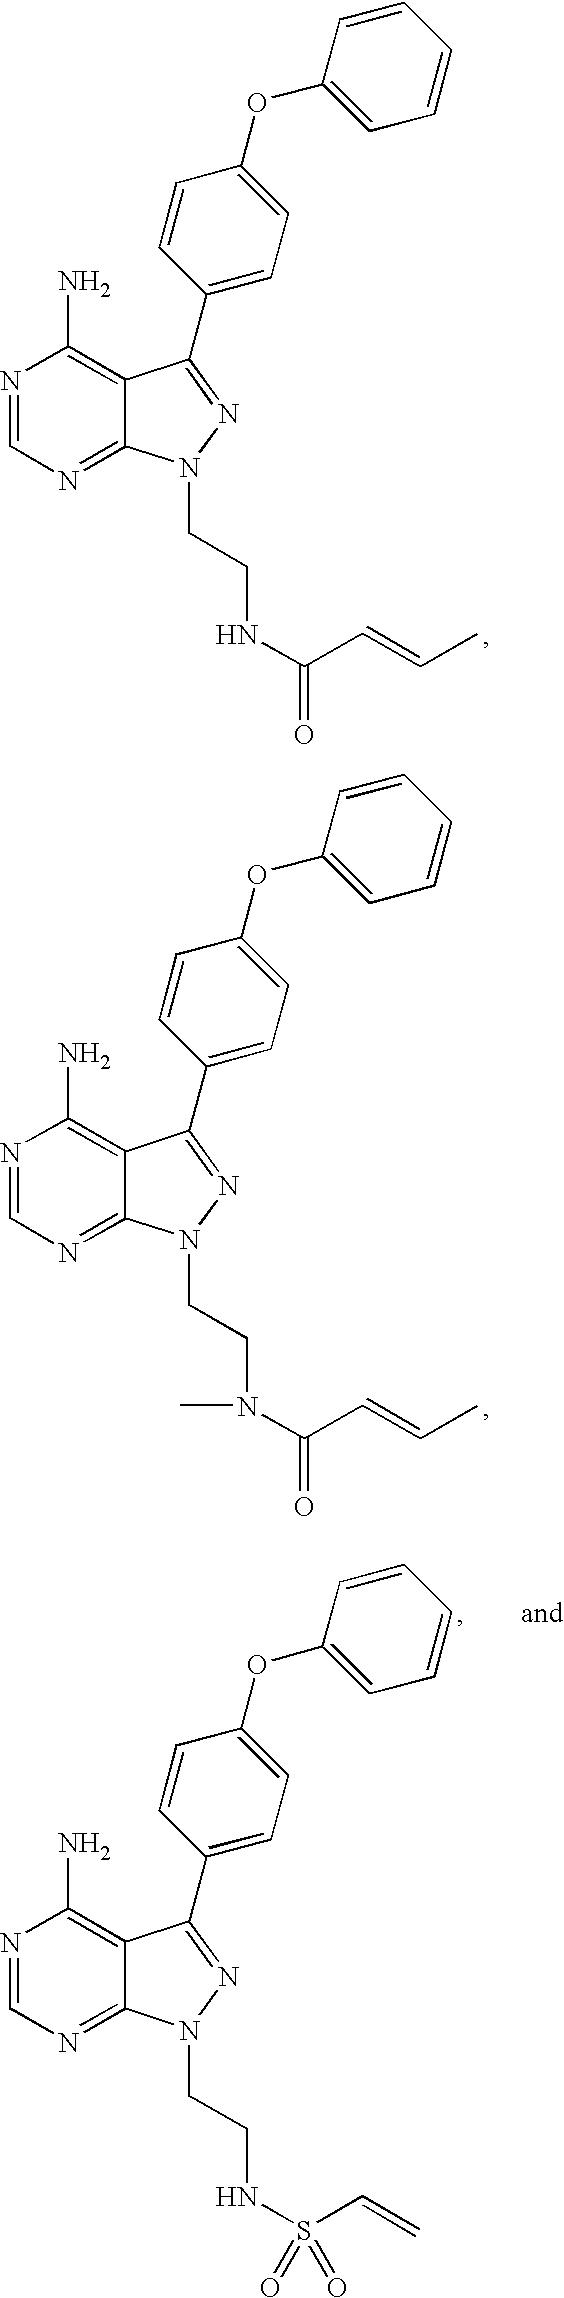 Figure US07514444-20090407-C00027